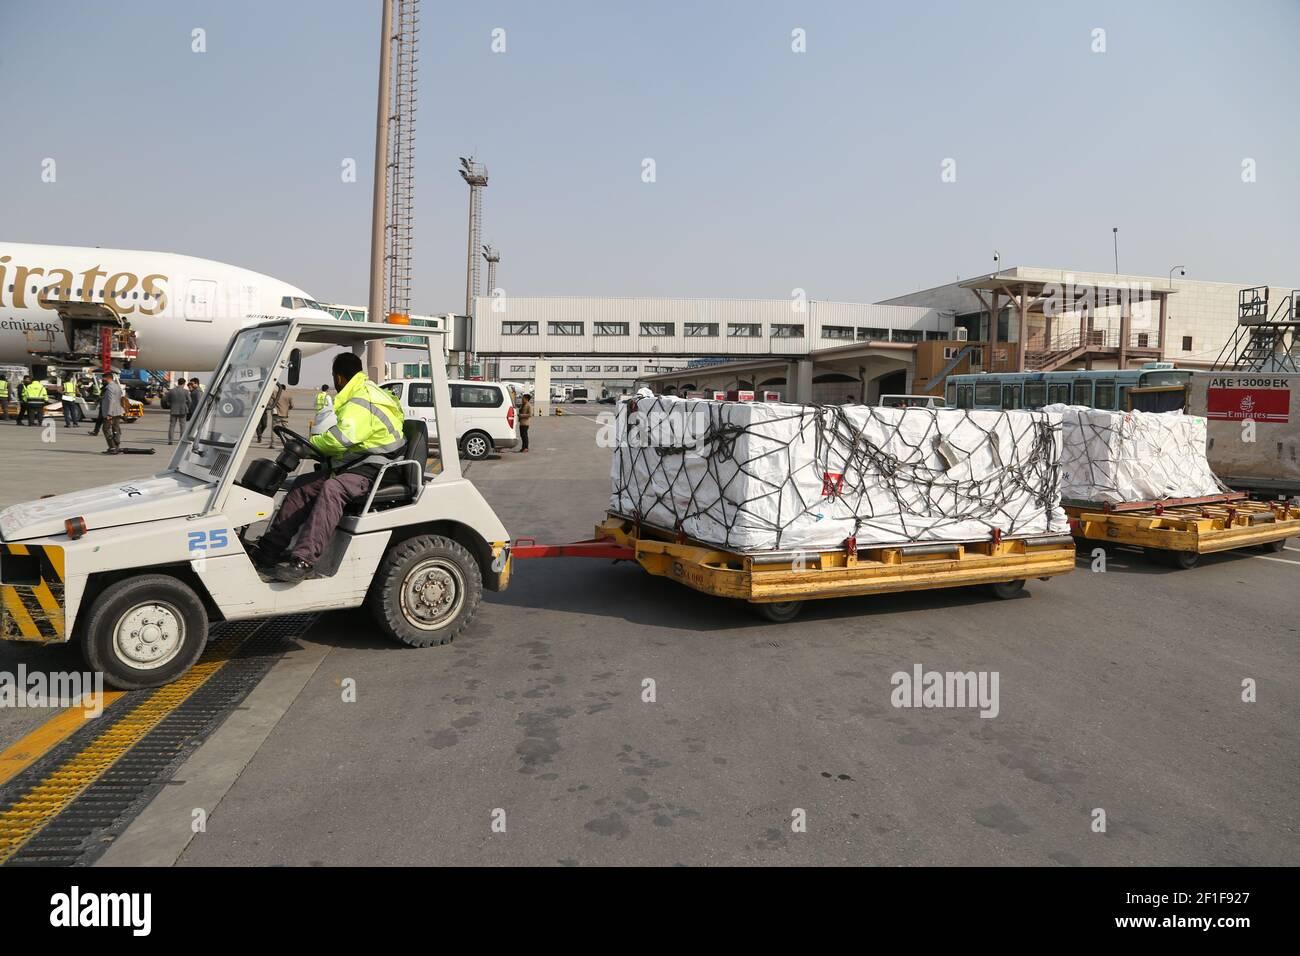 Kabul, Afganistán. 8th de marzo de 2021. Un trabajador del aeropuerto transporta vacunas COVID-19 desde COVAX, un programa internacional diseñado para ayudar a los países de ingresos bajos y medianos a tener más acceso a las vacunas COVID-19, en el Aeropuerto Internacional Hamid Karzai en Kabul, capital de Afganistán, el 8 de marzo de 2021. Crédito: Sayed Mominzadah/Xinhua/Alamy Live News Foto de stock